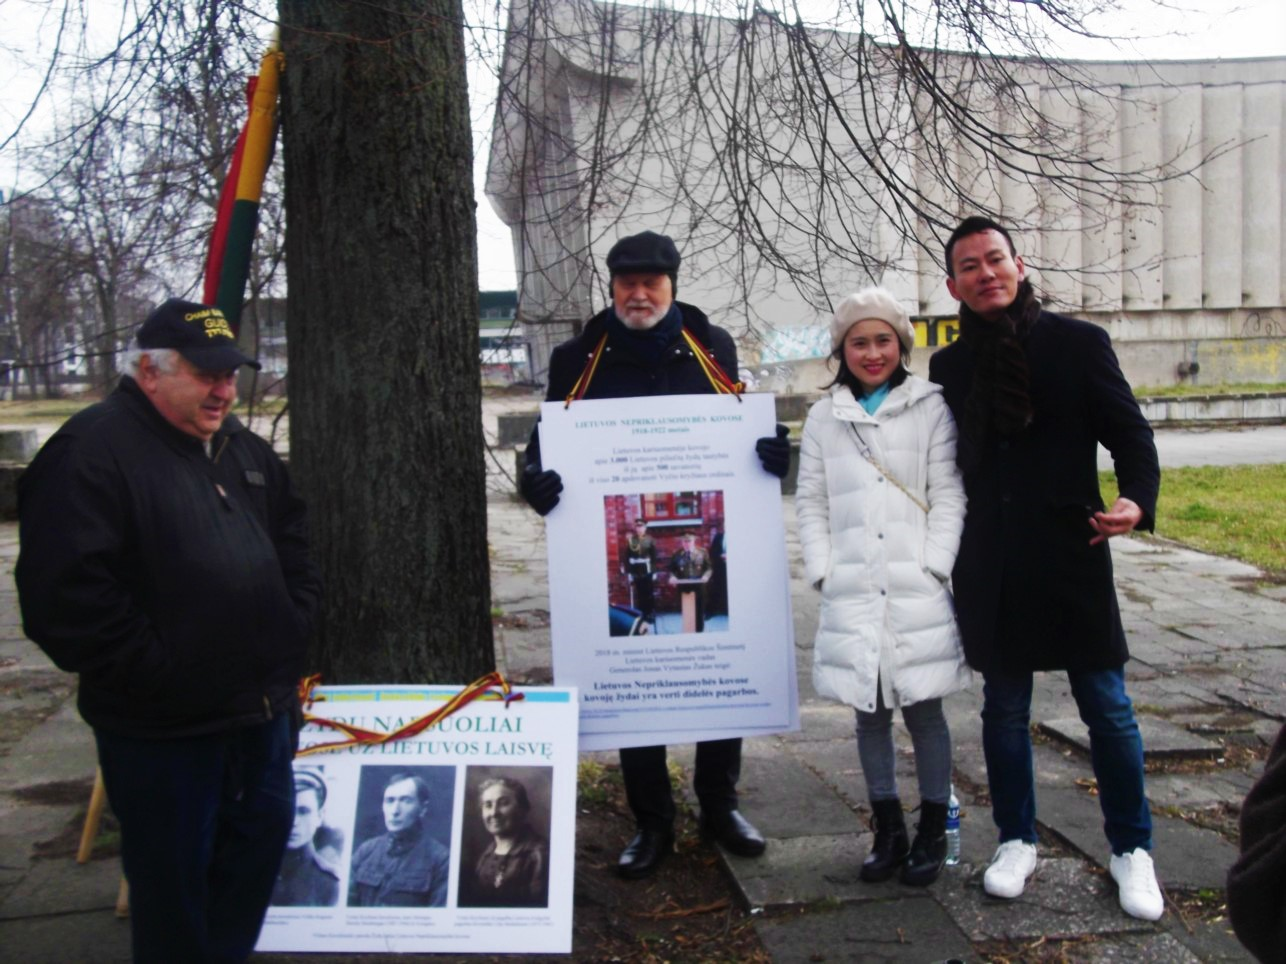 Pagerbti už Lietuvos nepriklausomybę kovoję žydų kariai | rengėjų nuotr.